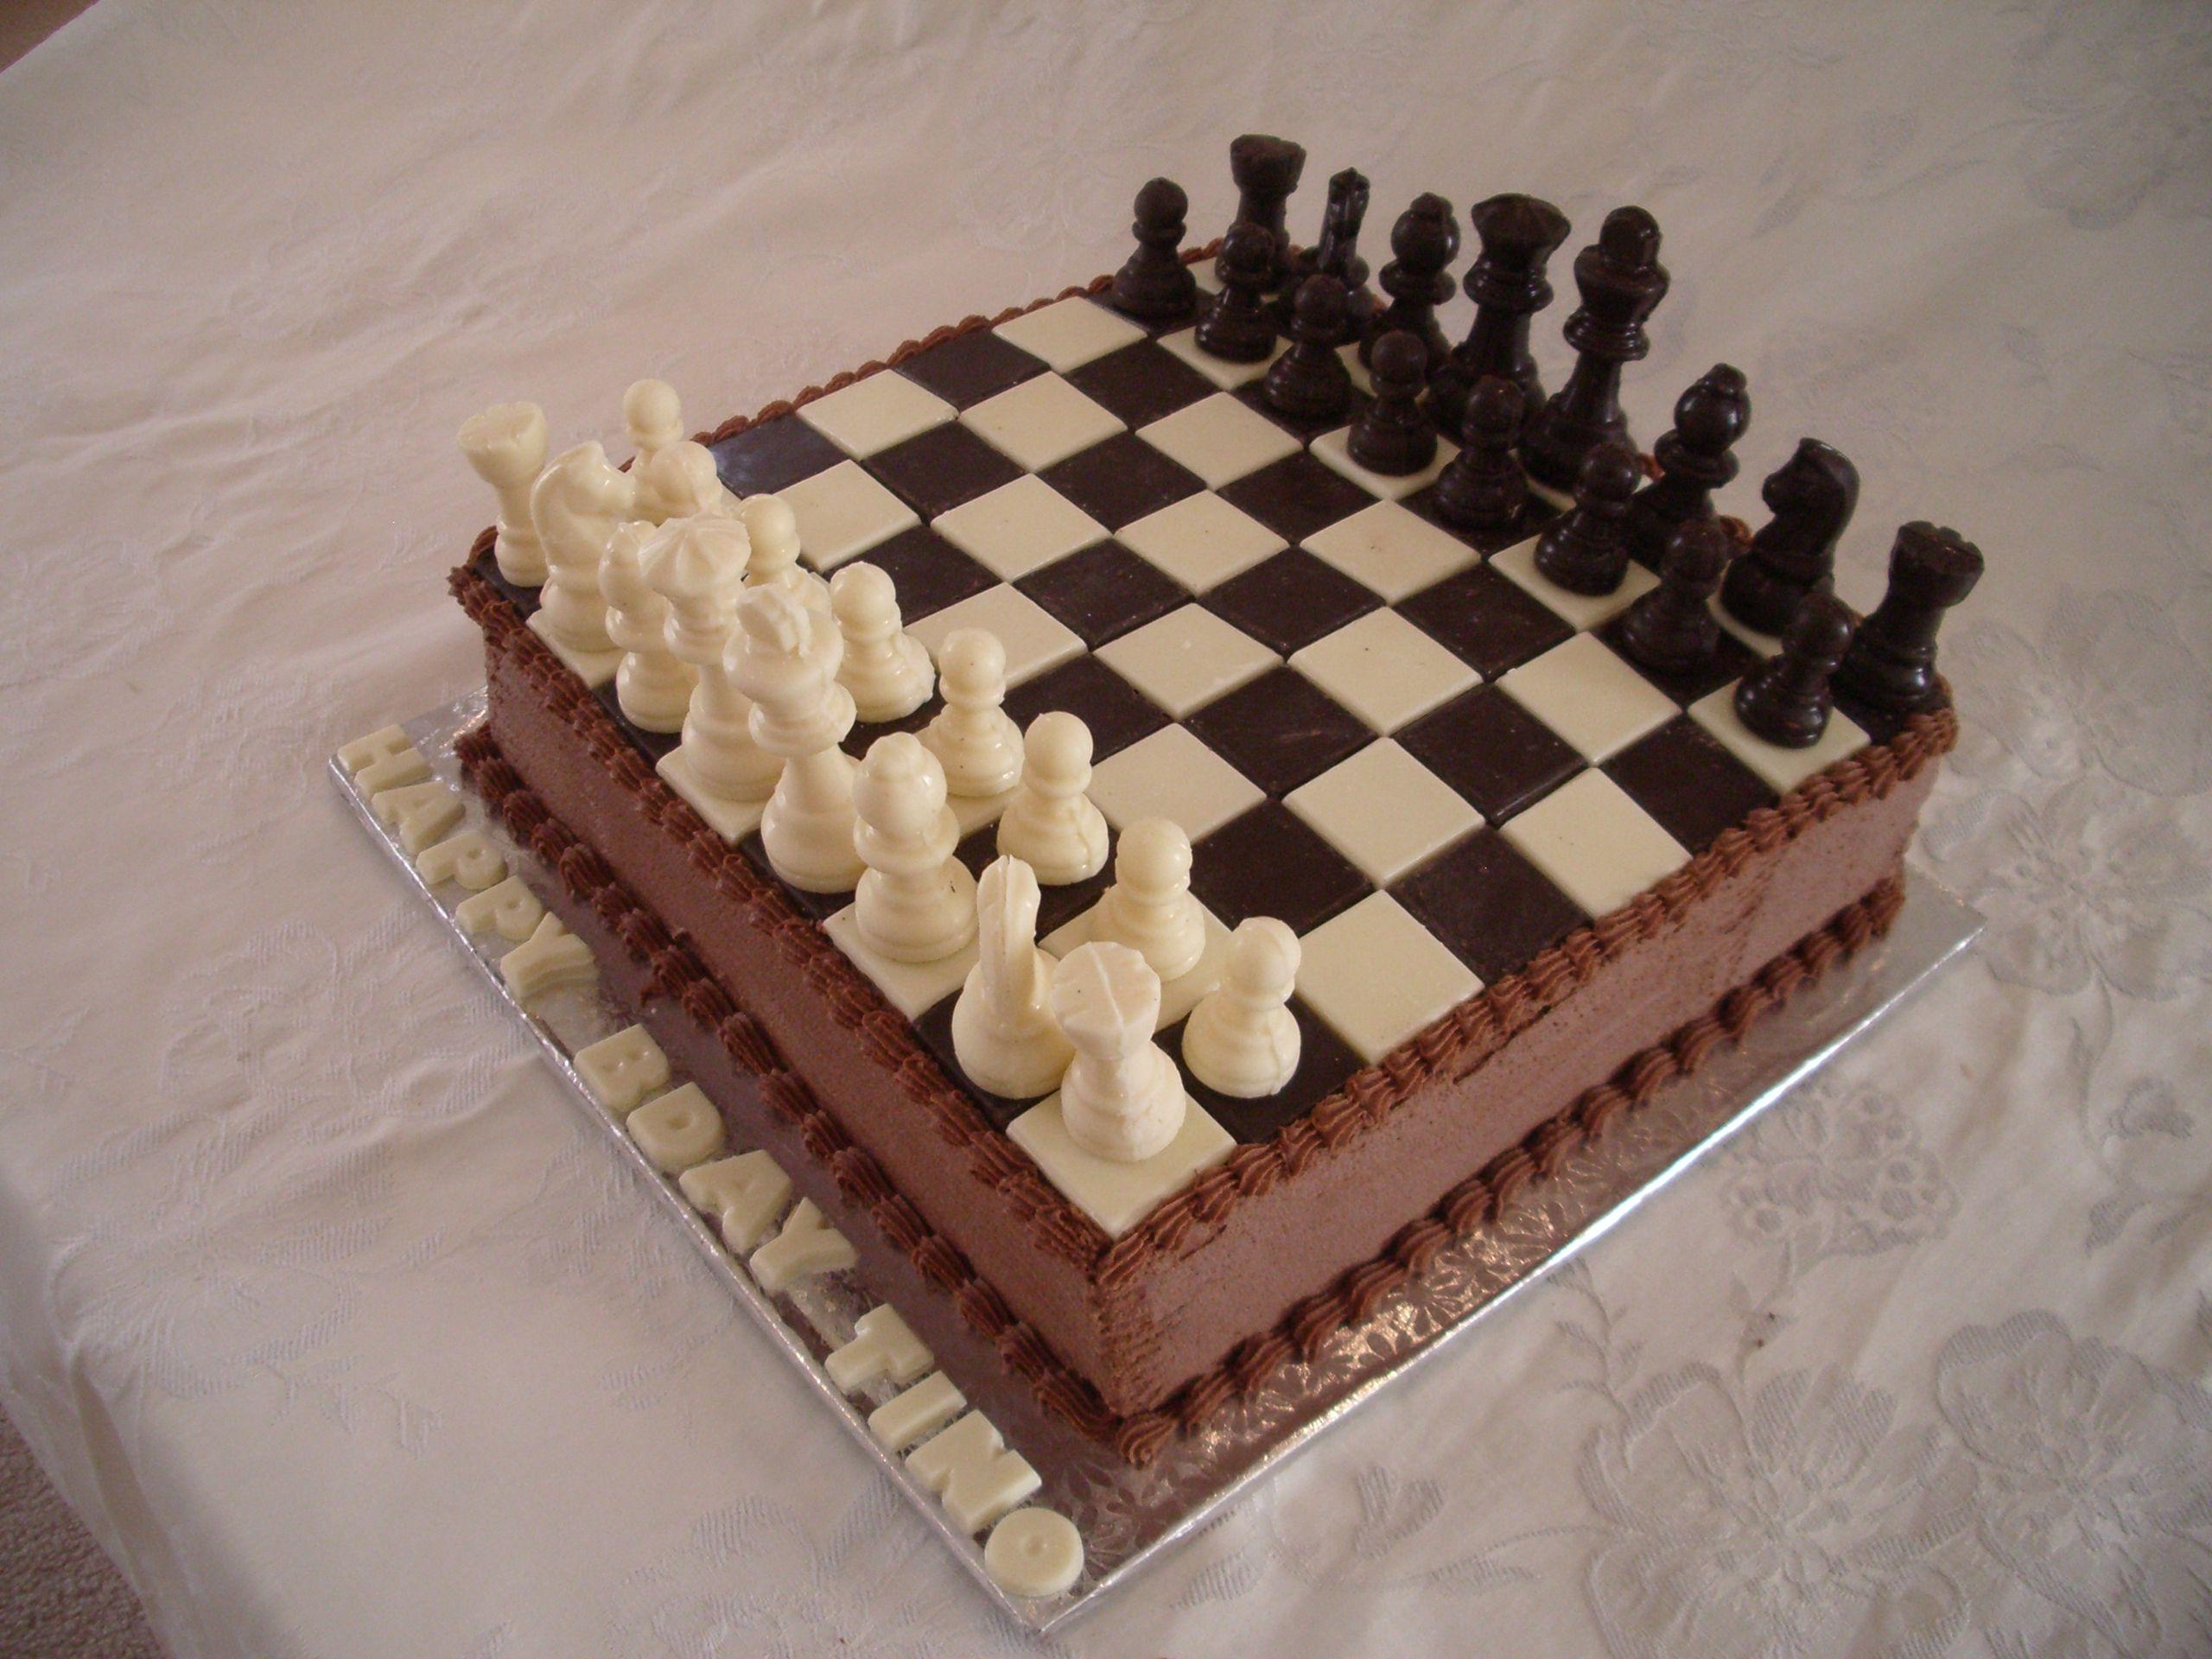 вустер торт с шахматами фото подражают, копируют образы